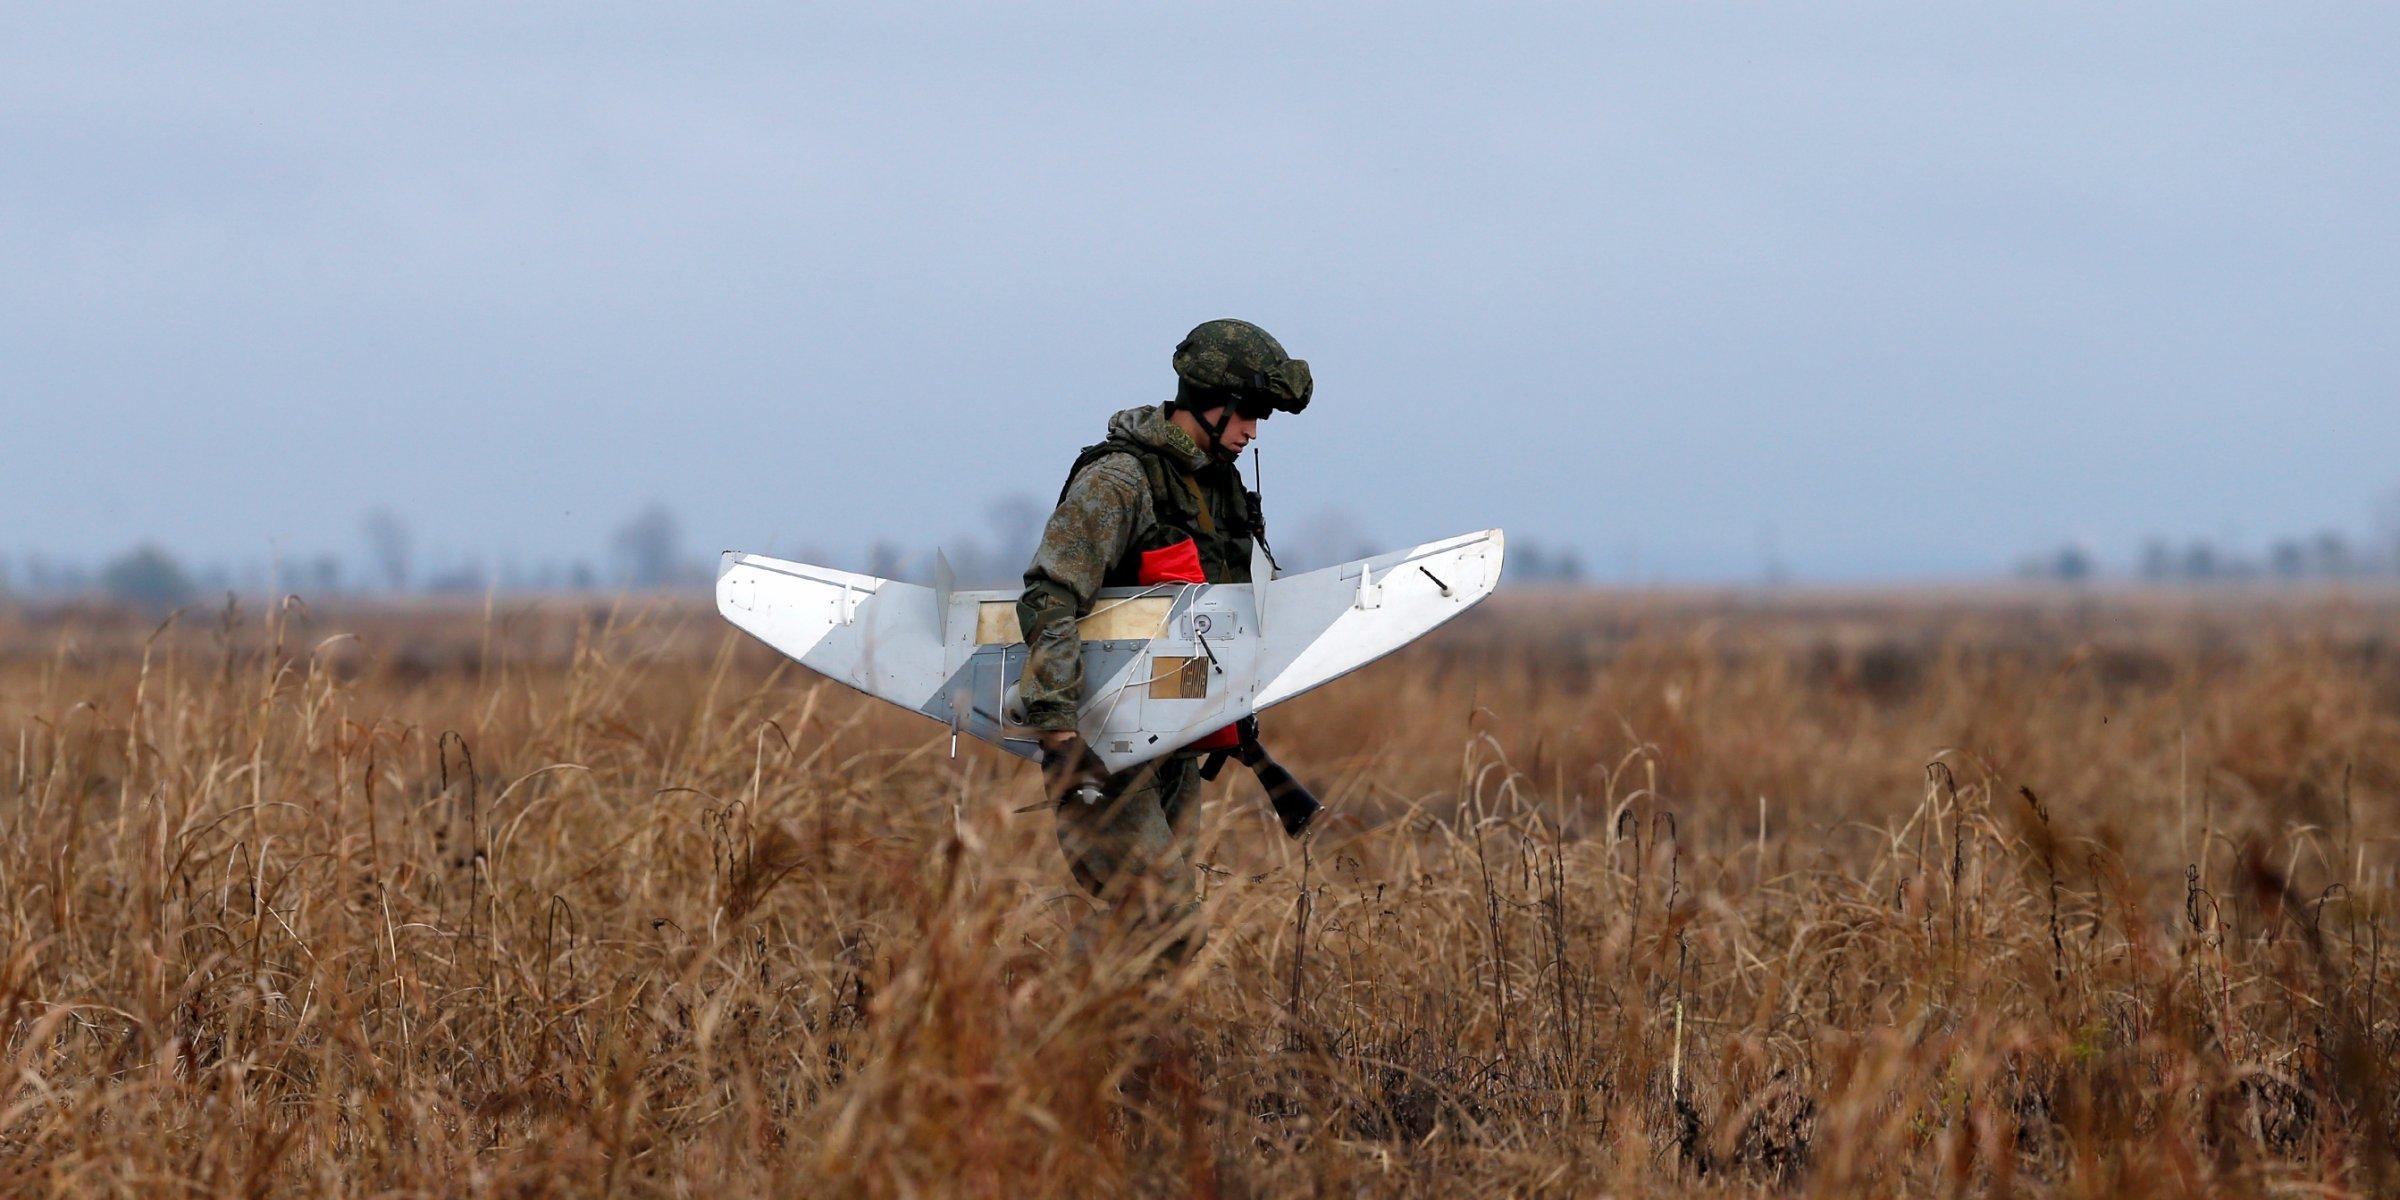 удалась фото дронов разведчиков россии могут рассказать большую